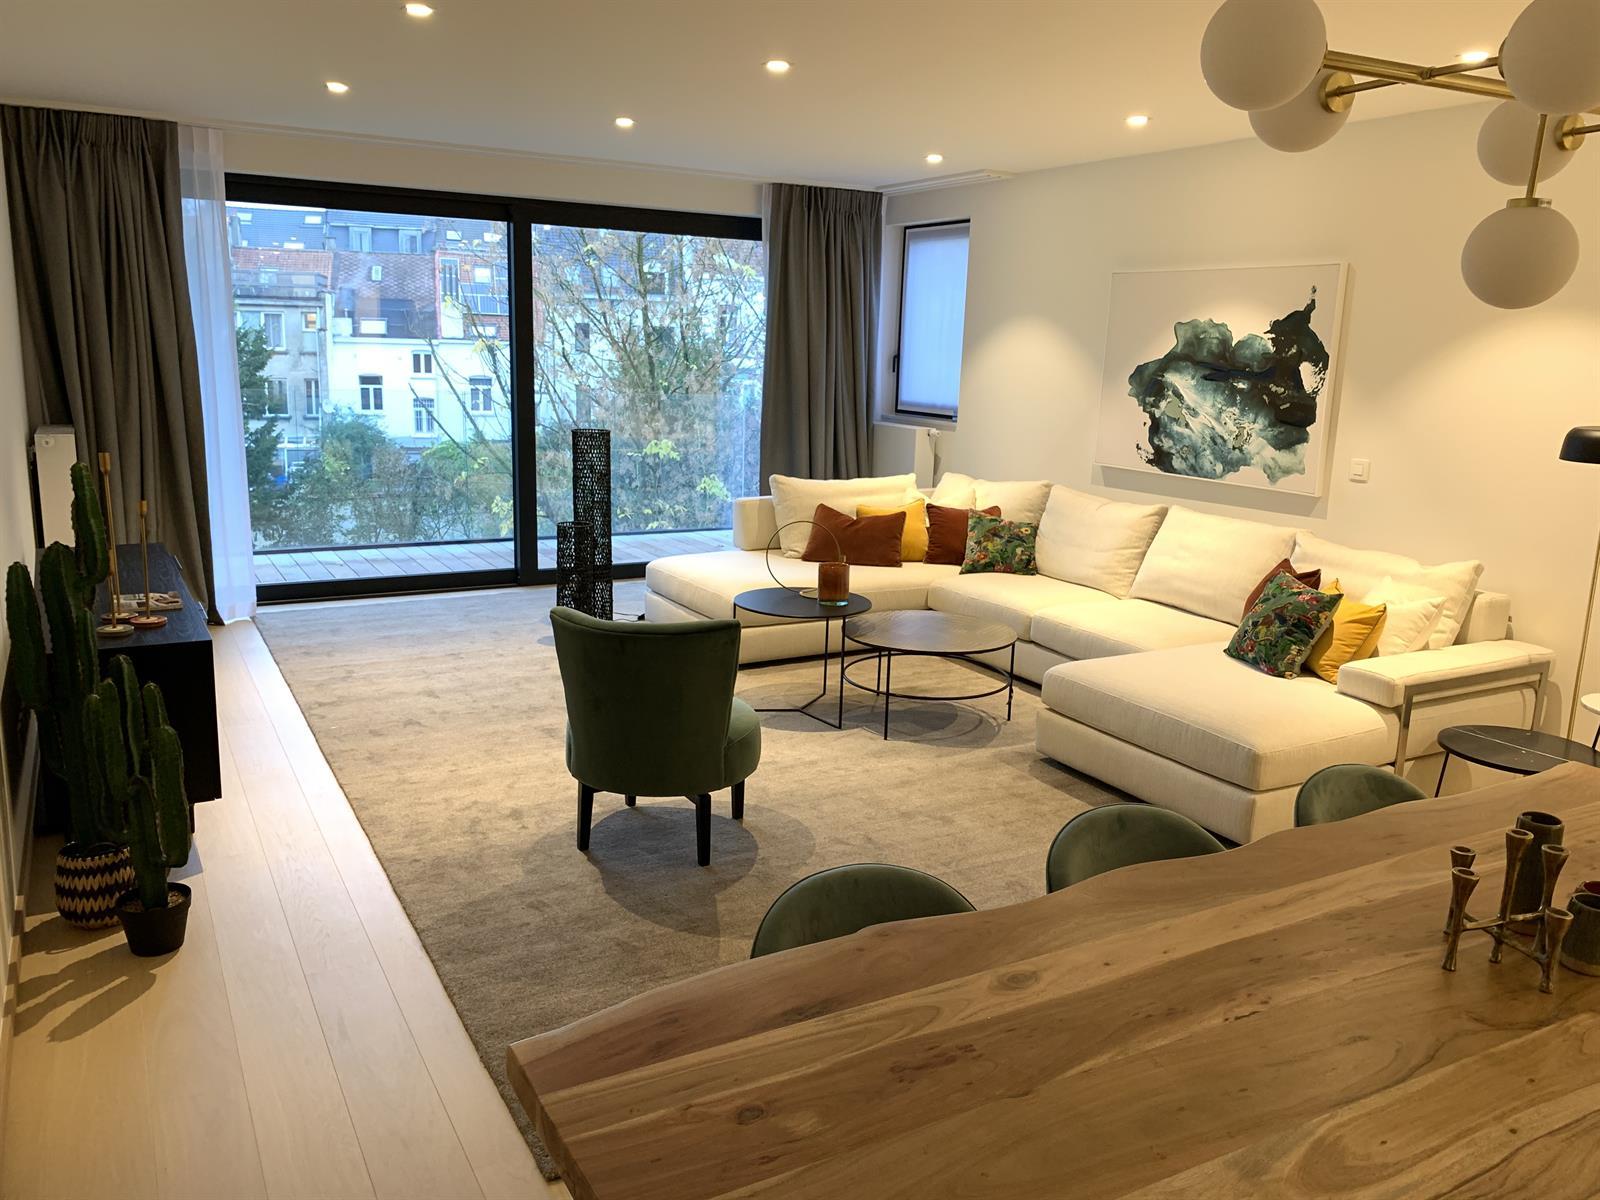 Appartement exceptionnel - Ixelles - #3918748-1